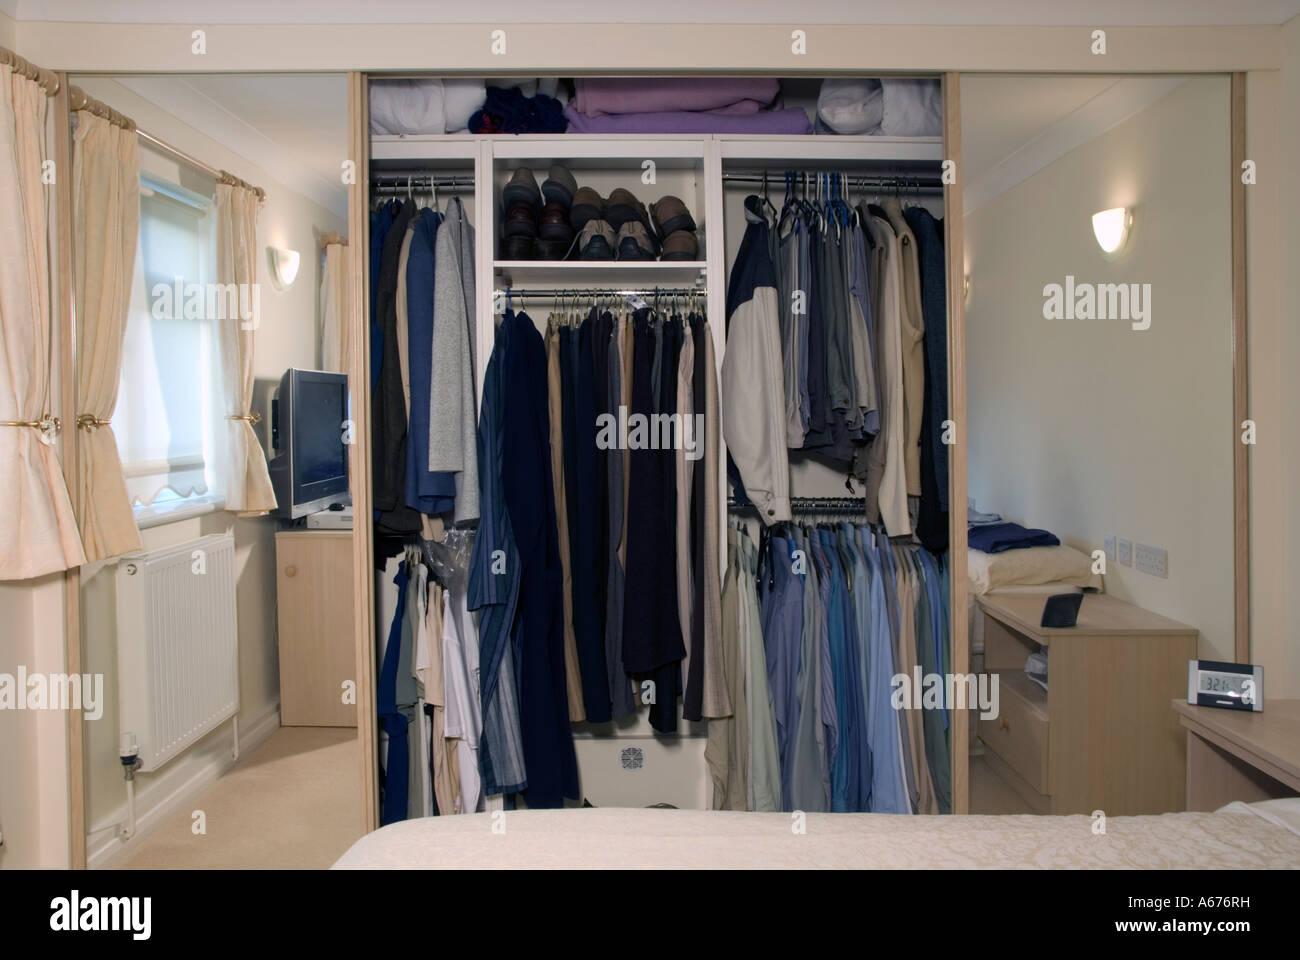 Schiebeturen Fur Schrank ~ Freigegebene erbaute schlafzimmer schrank mit spiegel schiebetüren